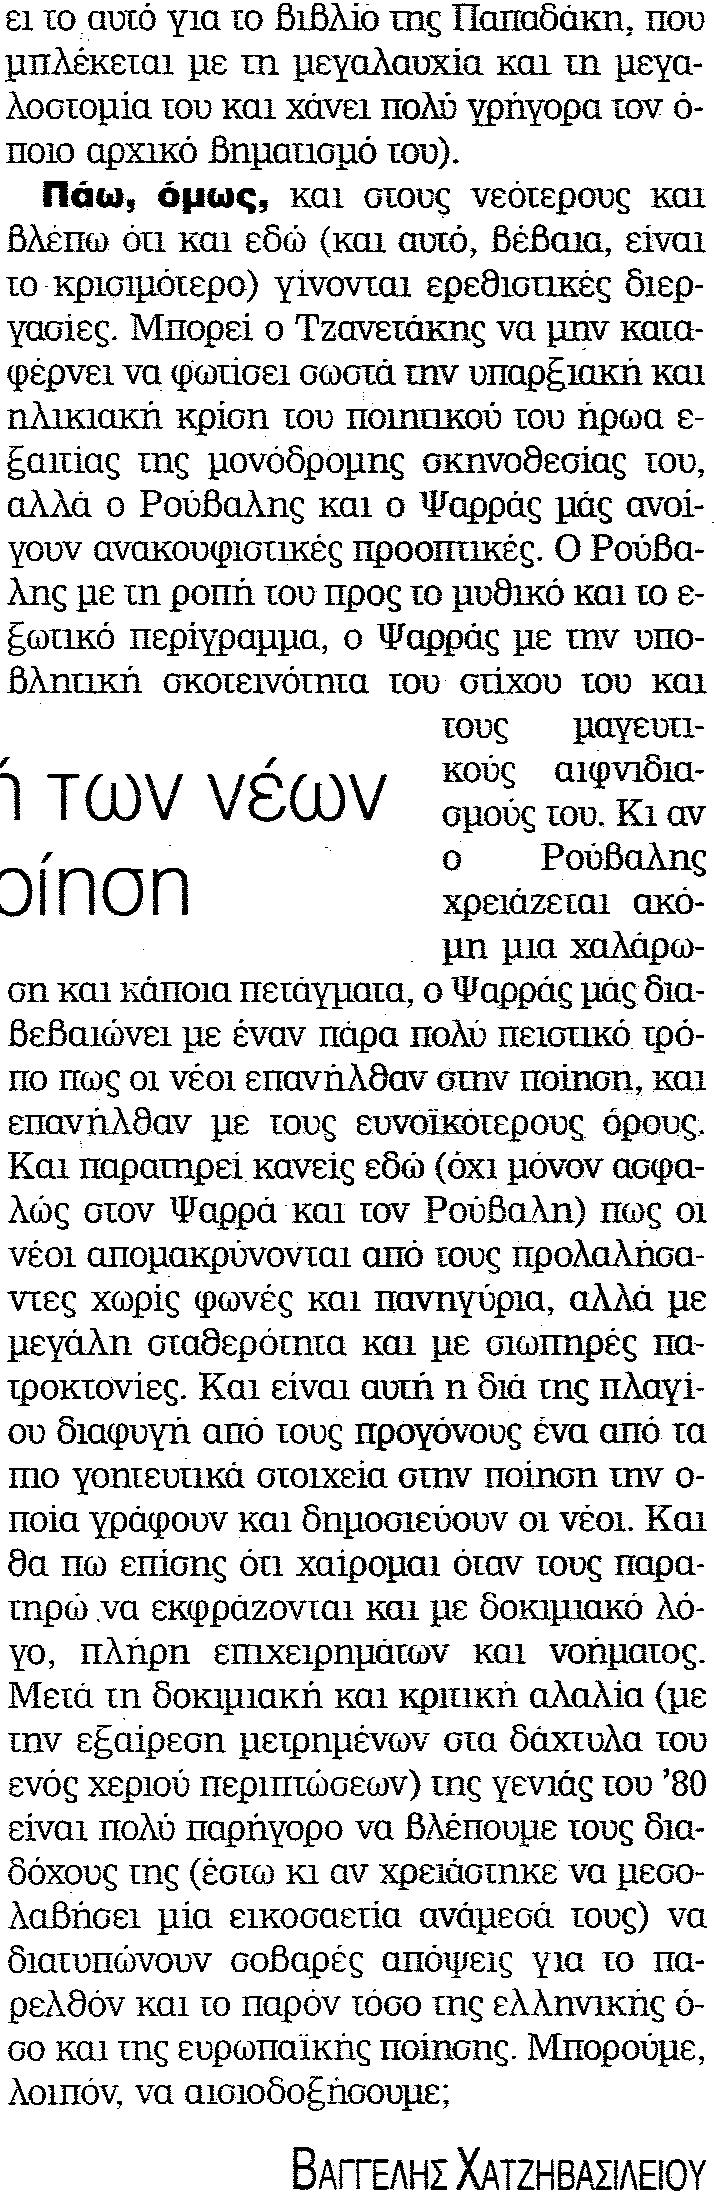 ΒΑΓΓΕΛΗΣ ΧΑΤΖΙΒΑΣΙΛΕΙΟΥ, ΛΟΓΟΥ ΧΑΡΗ2